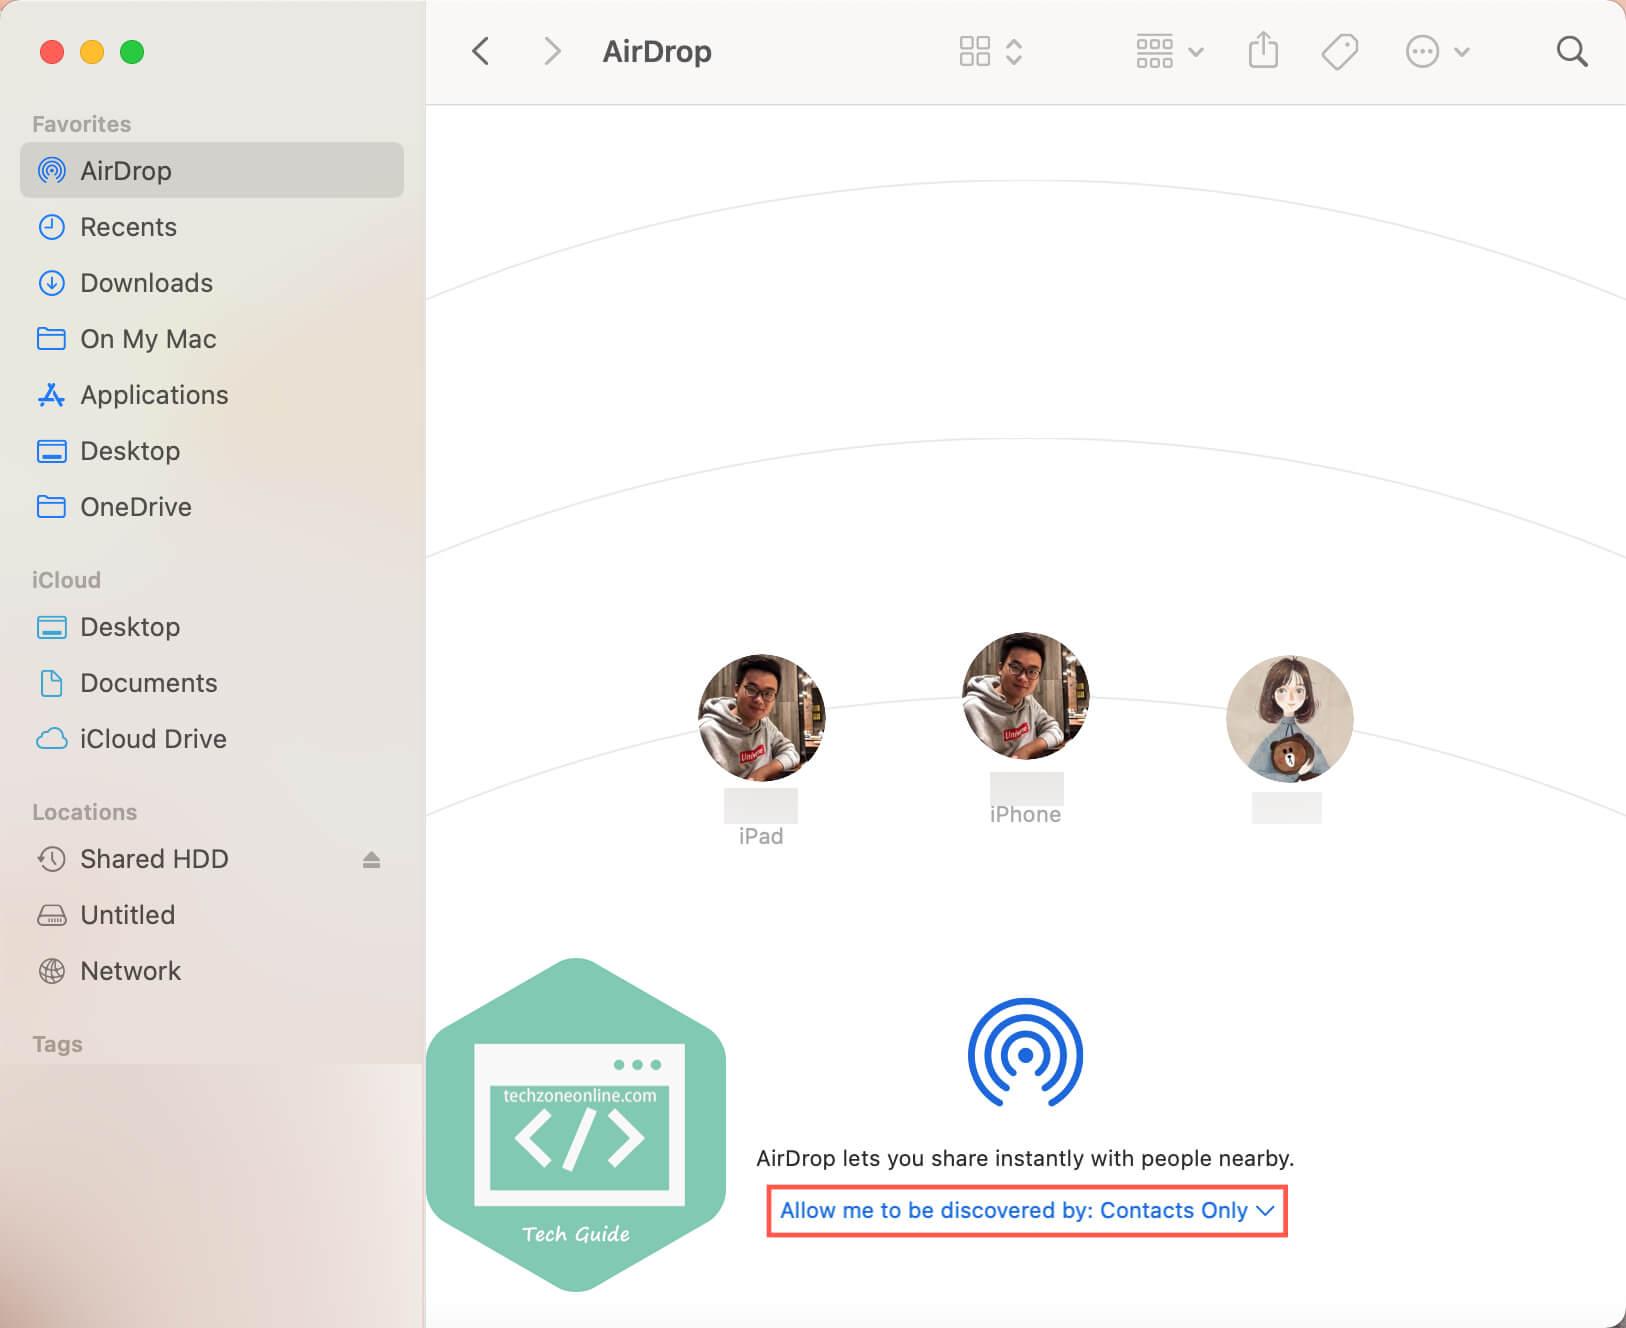 tweak AirDrop receiving setting on Mac